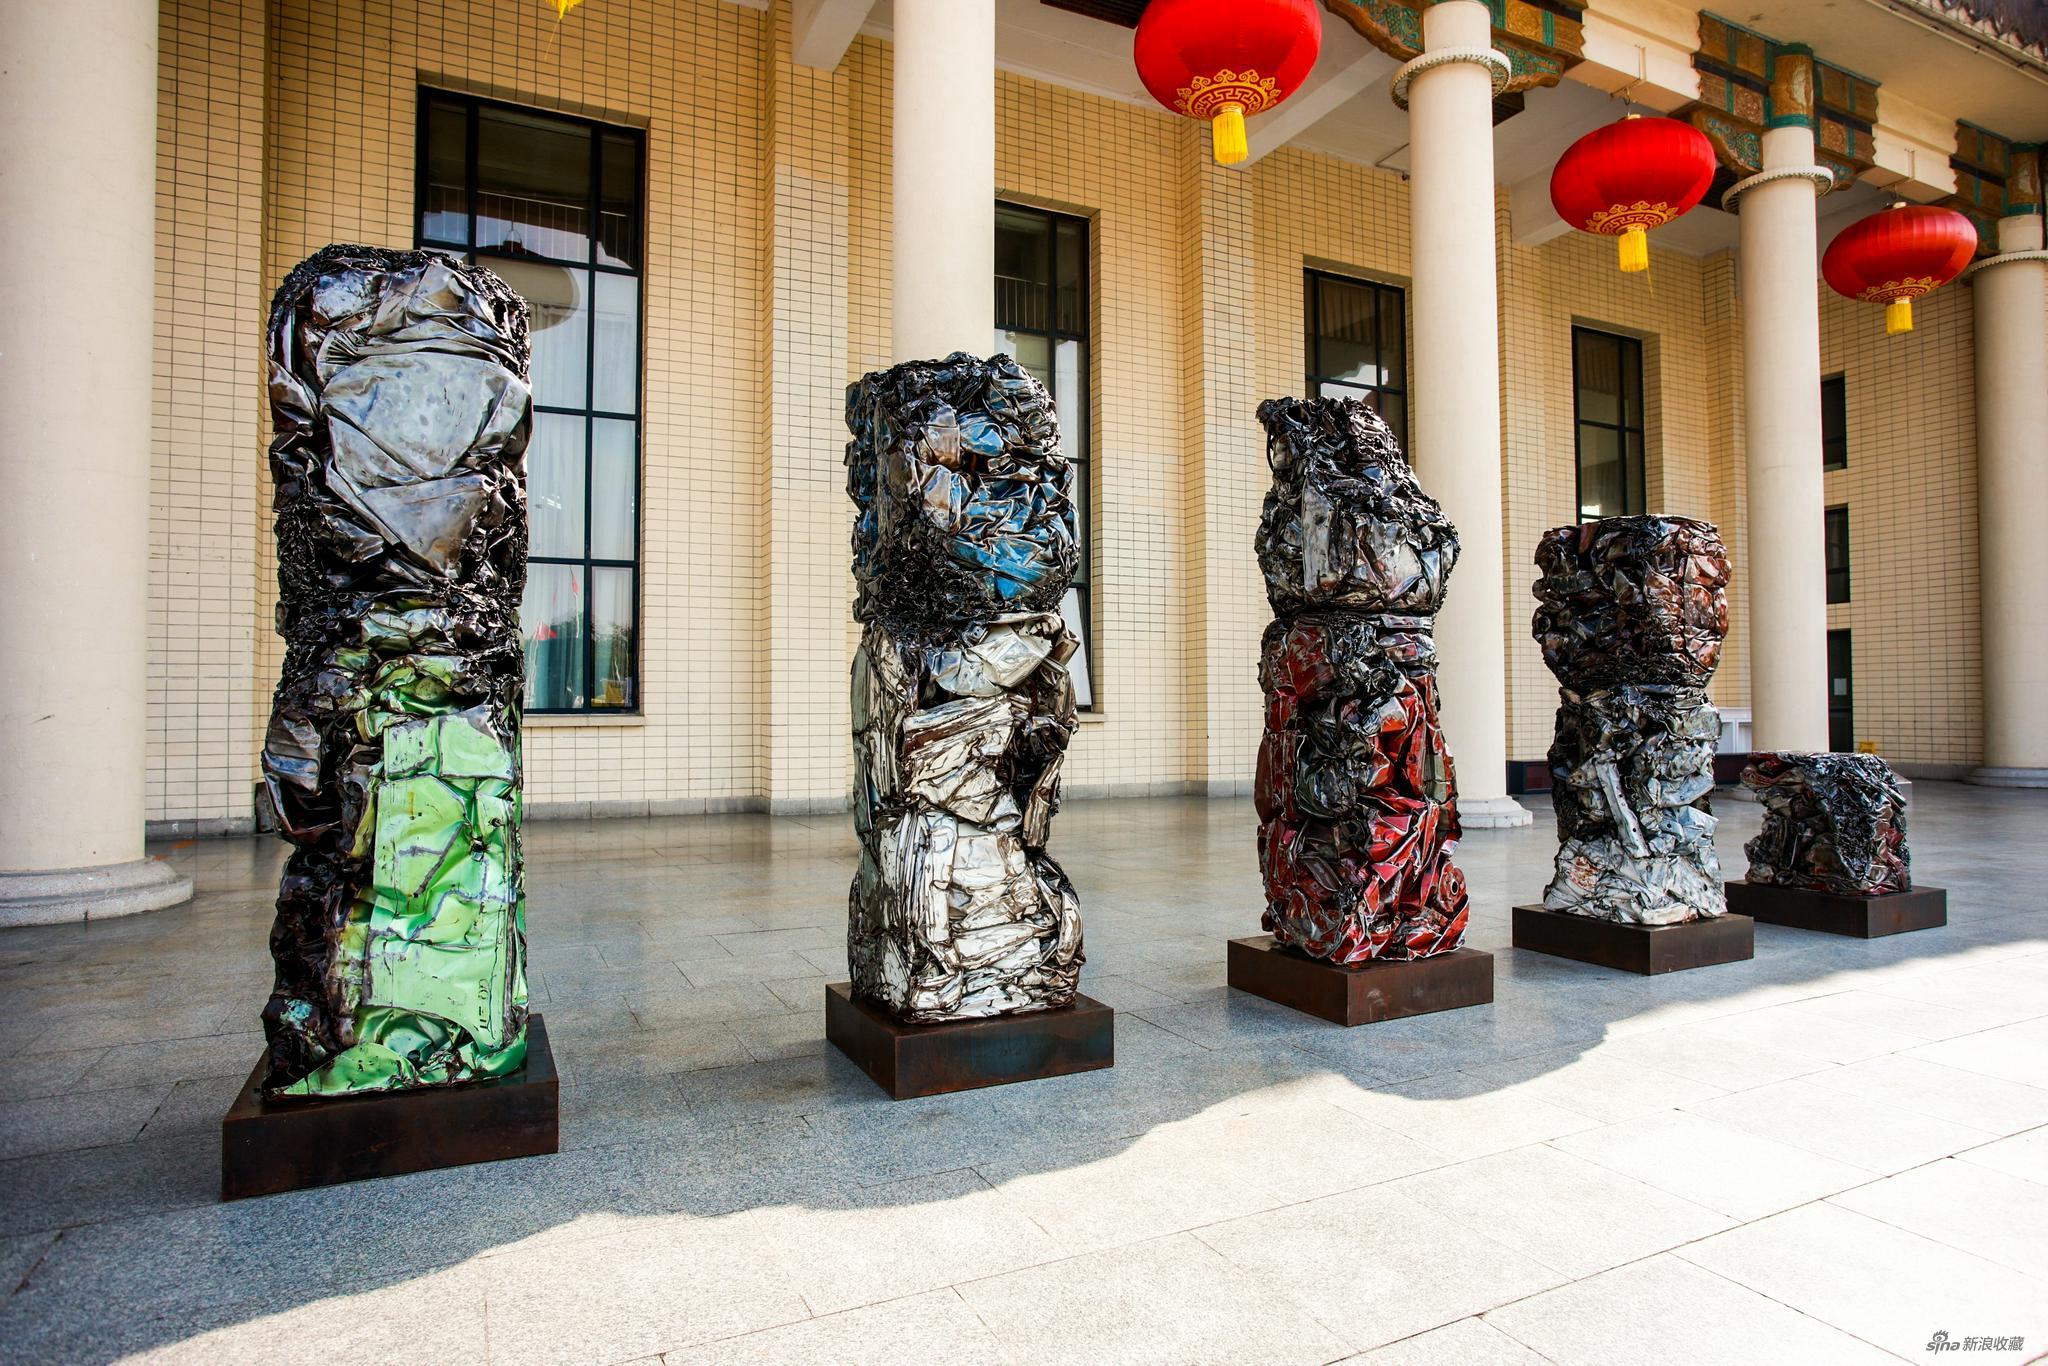 徐渠 复活雕塑,2020-2021 各色车壳和铁,锌,80 × 80 × (100-265) cm × 5 致谢艺术家与当代唐人艺术中心